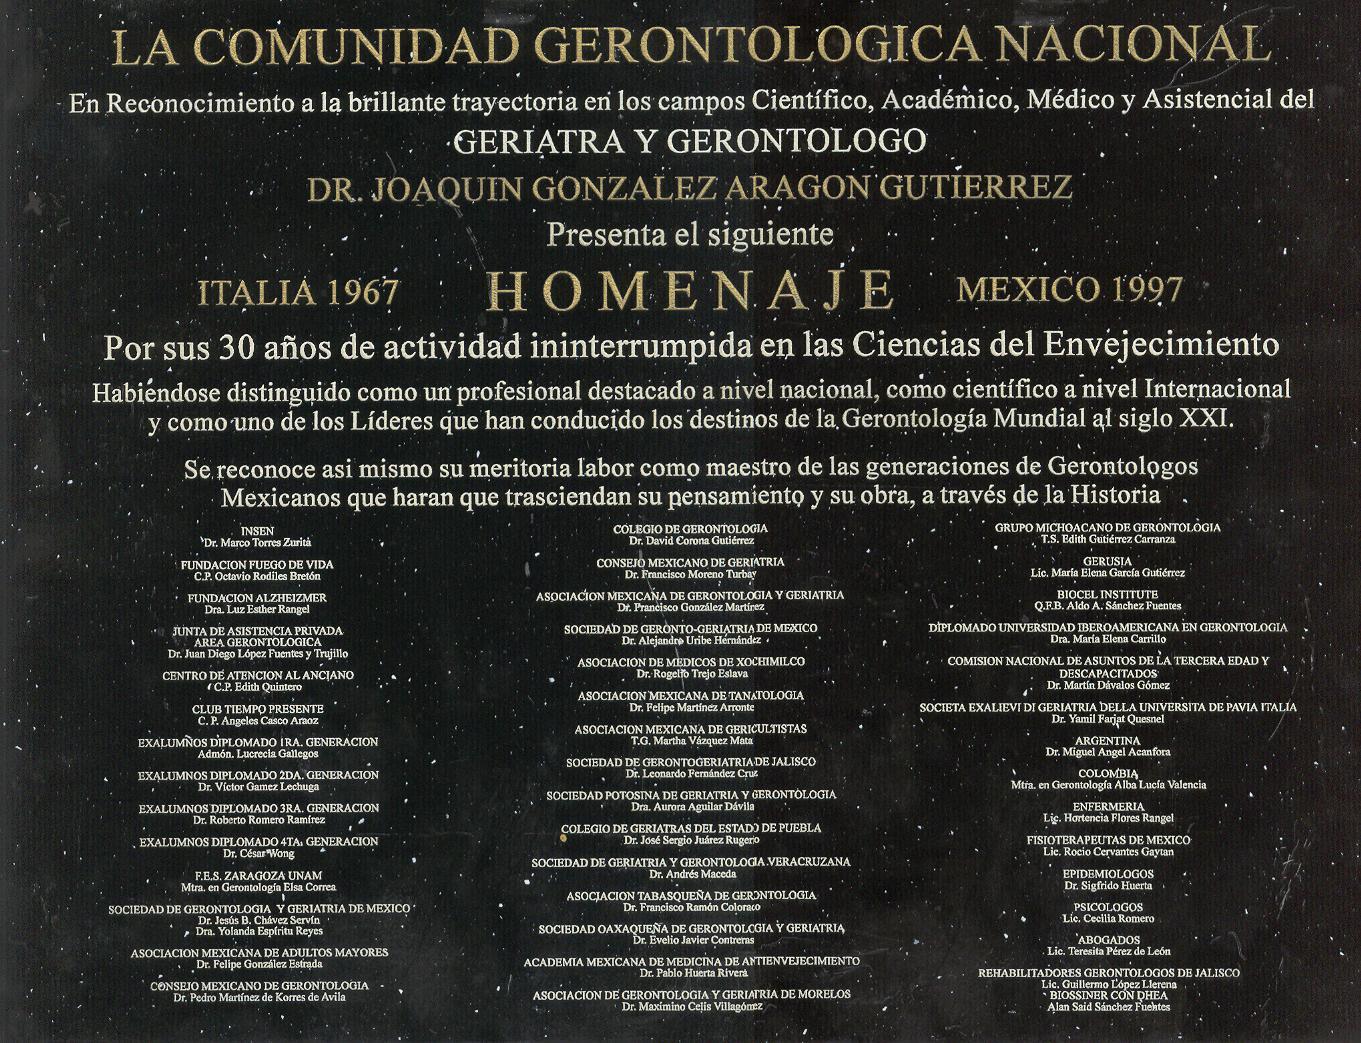 DR. JOAQUIN GONZALEZ ARAGON: Currículum Vitae y Biografía